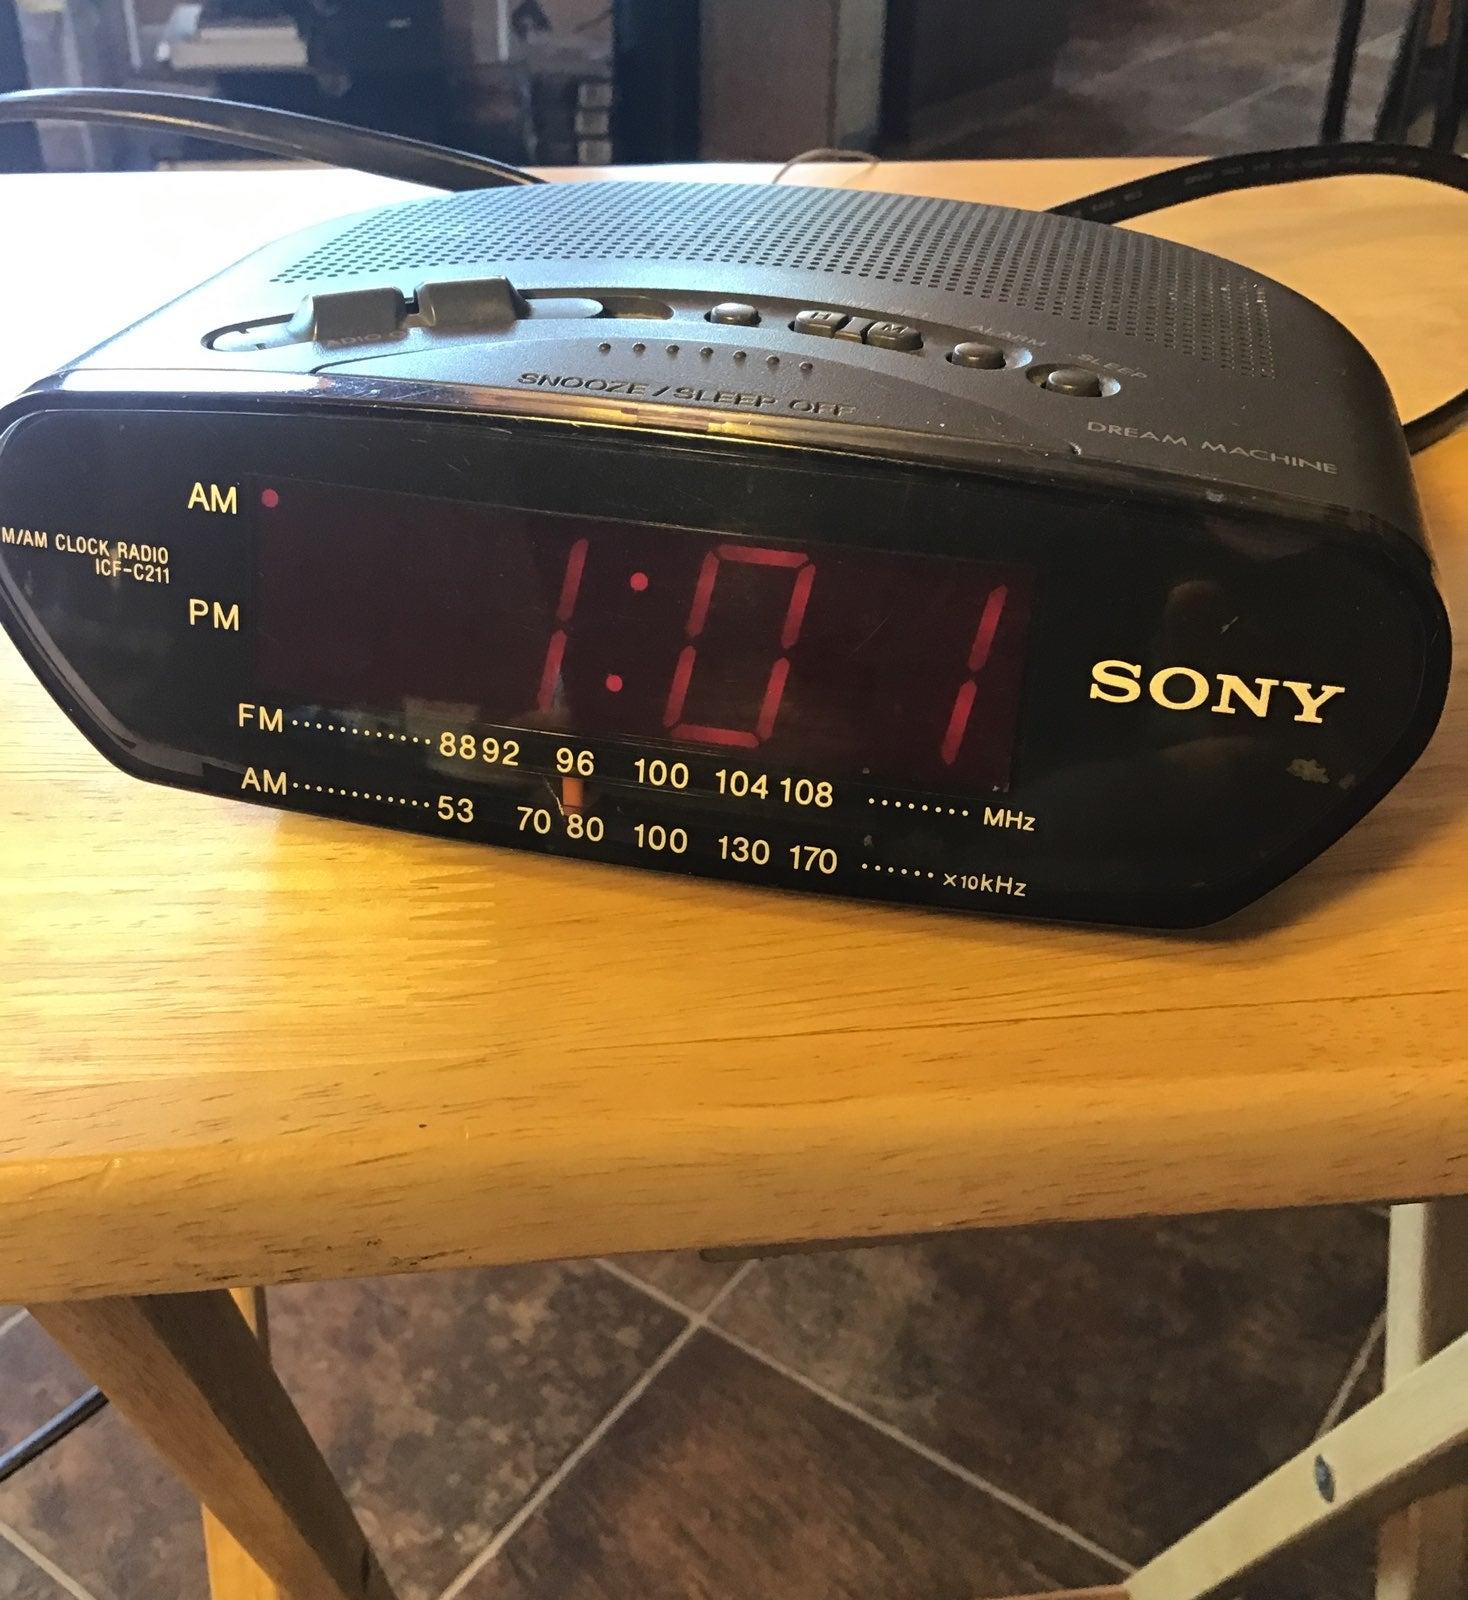 Sony Digital AM/FM Radio Alarm clock